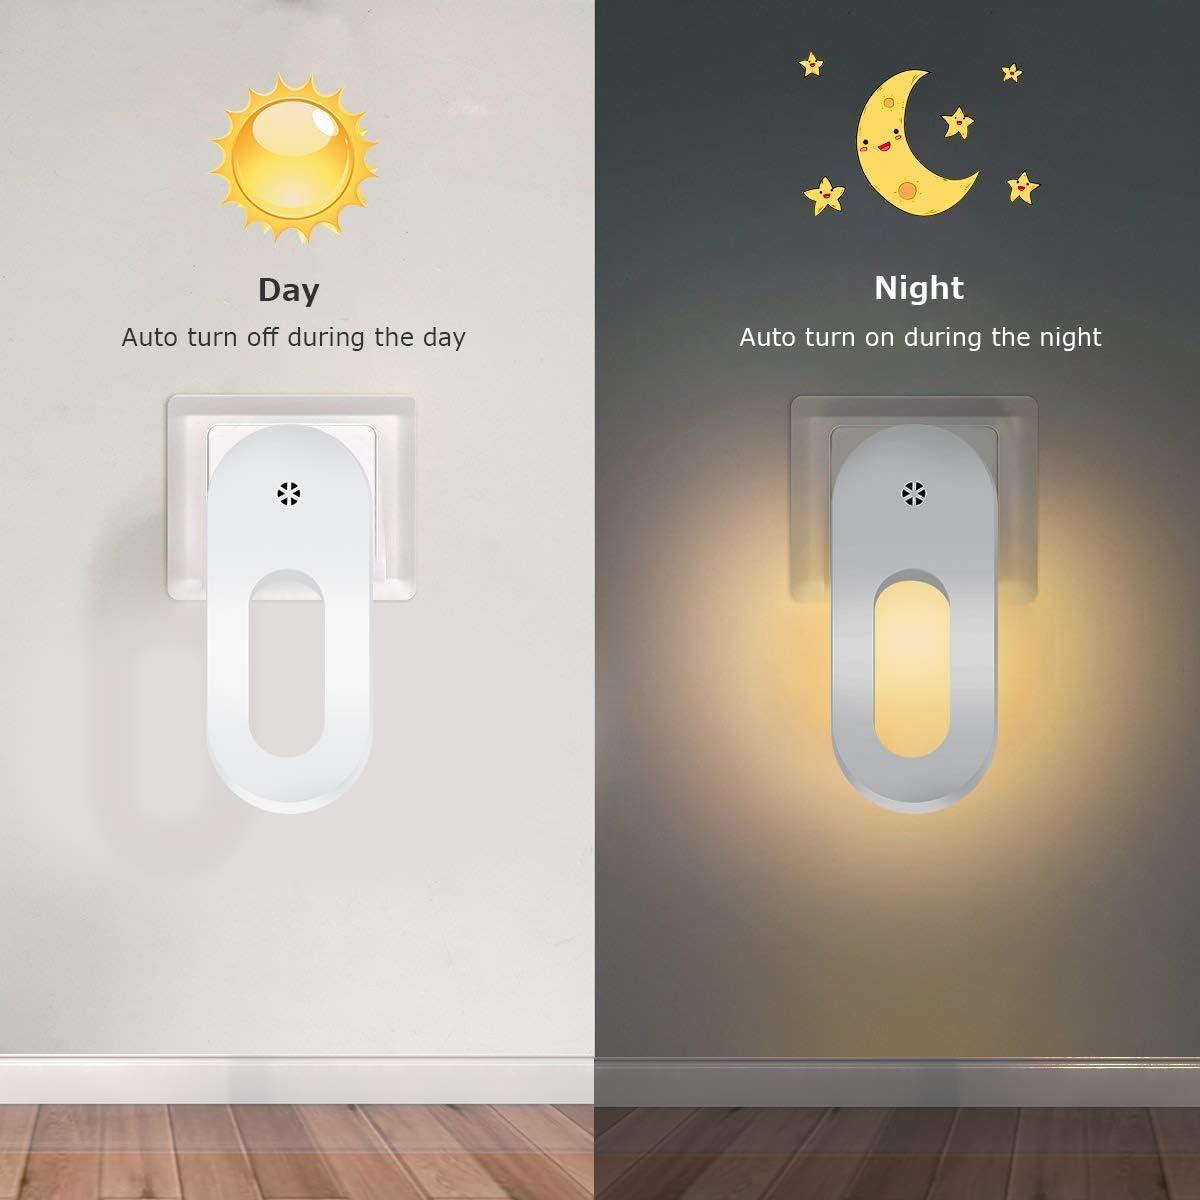 Ailyoo Casa Inteligente con luz Nocturna Redonda, Escalera con batería Gabinete con luz Luces Gabinete con Control Remoto Regulable Luz Nocturna para Pasillo, escaleras, baño, Dormitorio: Amazon.es: Hogar